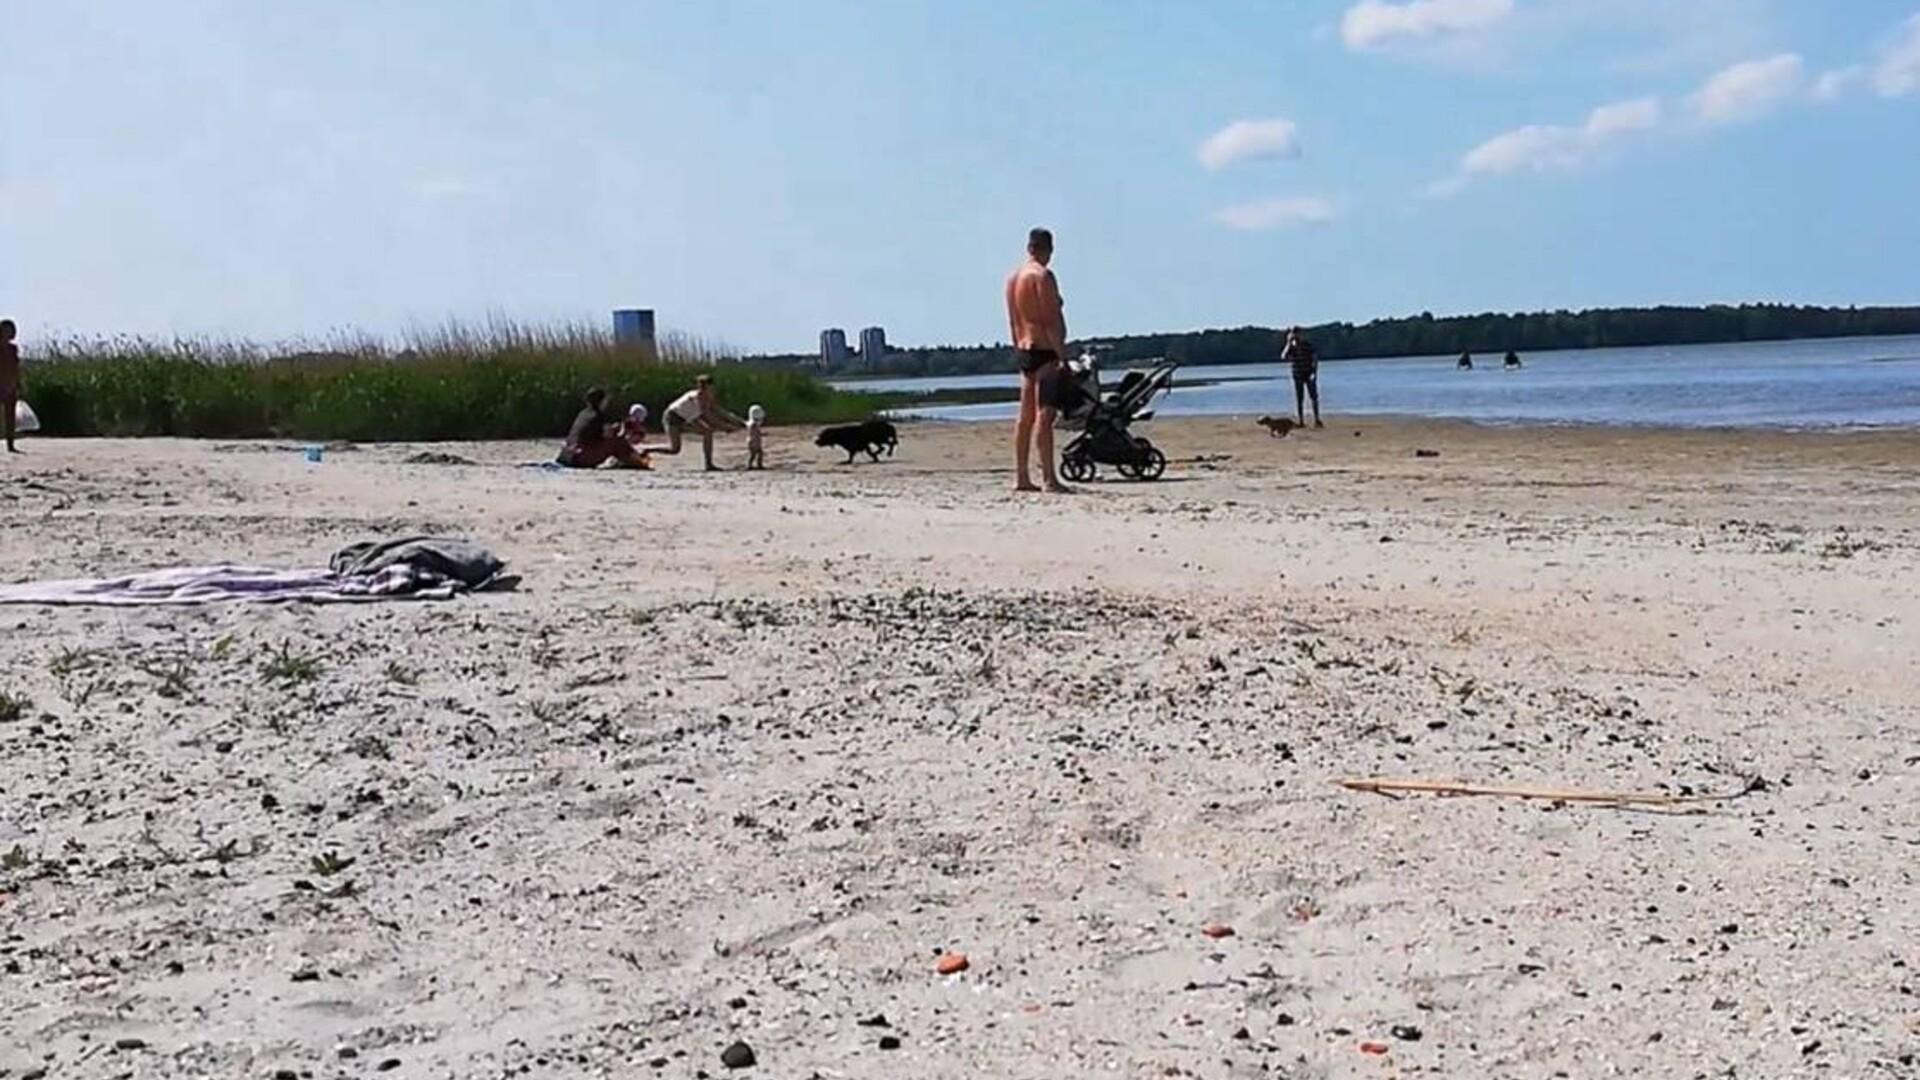 75be381cda1 Meri uhub Stroomi randa kunagisest klaasitehasest pärit kilde | Eesti | ERR